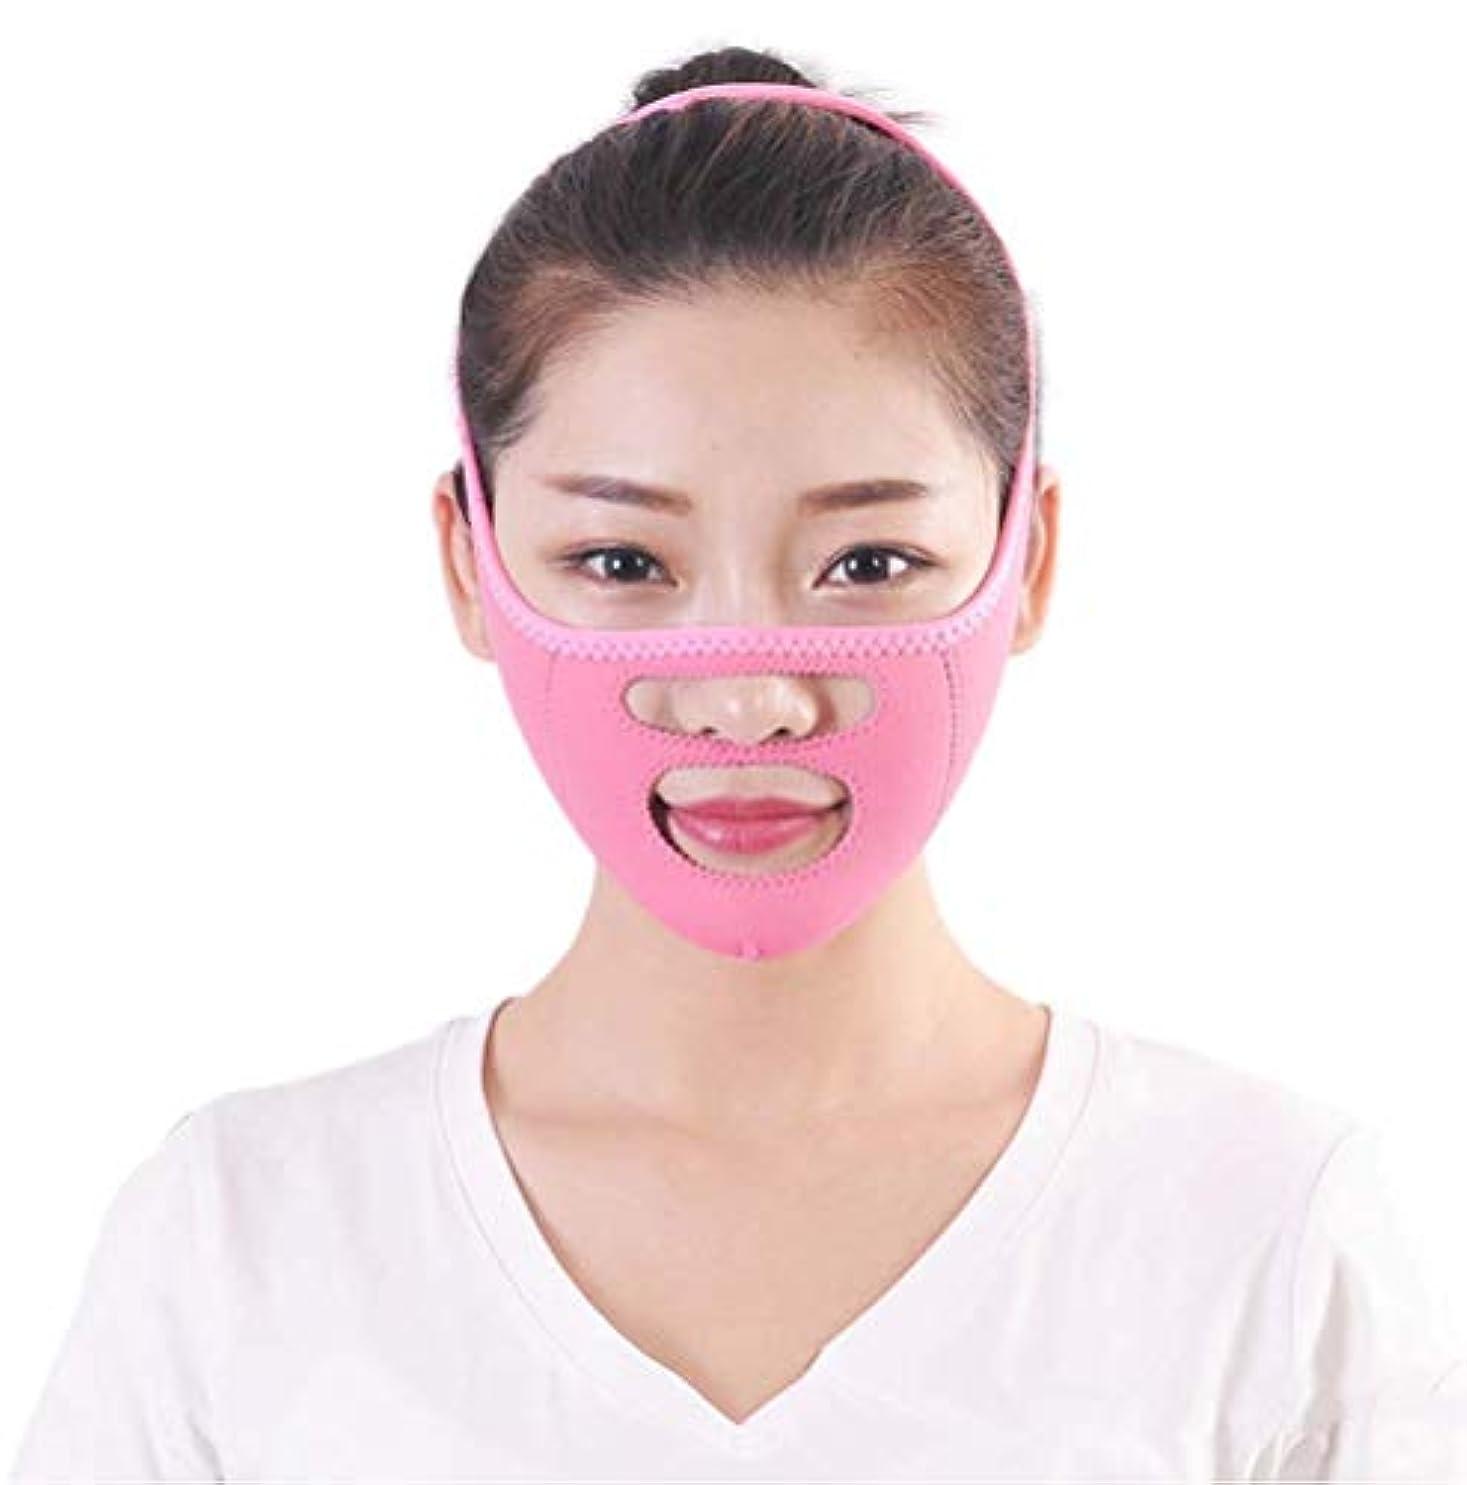 霜エキゾチック活力HUYYA ファーミングストラップリフティングフェイスマスク、フェイスリフティング包帯 V字ベルト補正ベルト ダブルチンヘルスケアスキンケアチン,Pink_Large